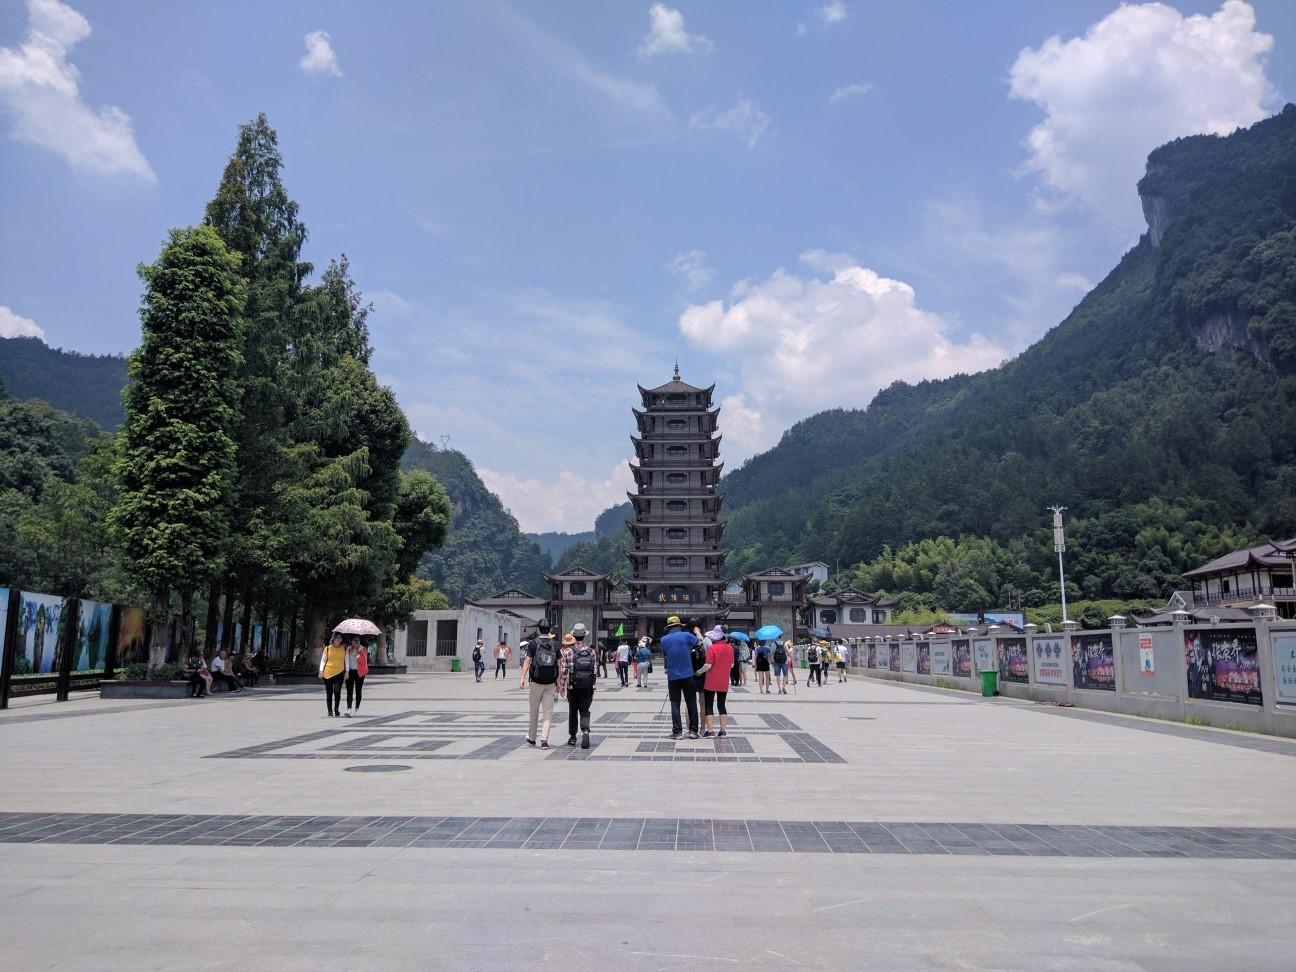 Zhangjiajie National Park entrance